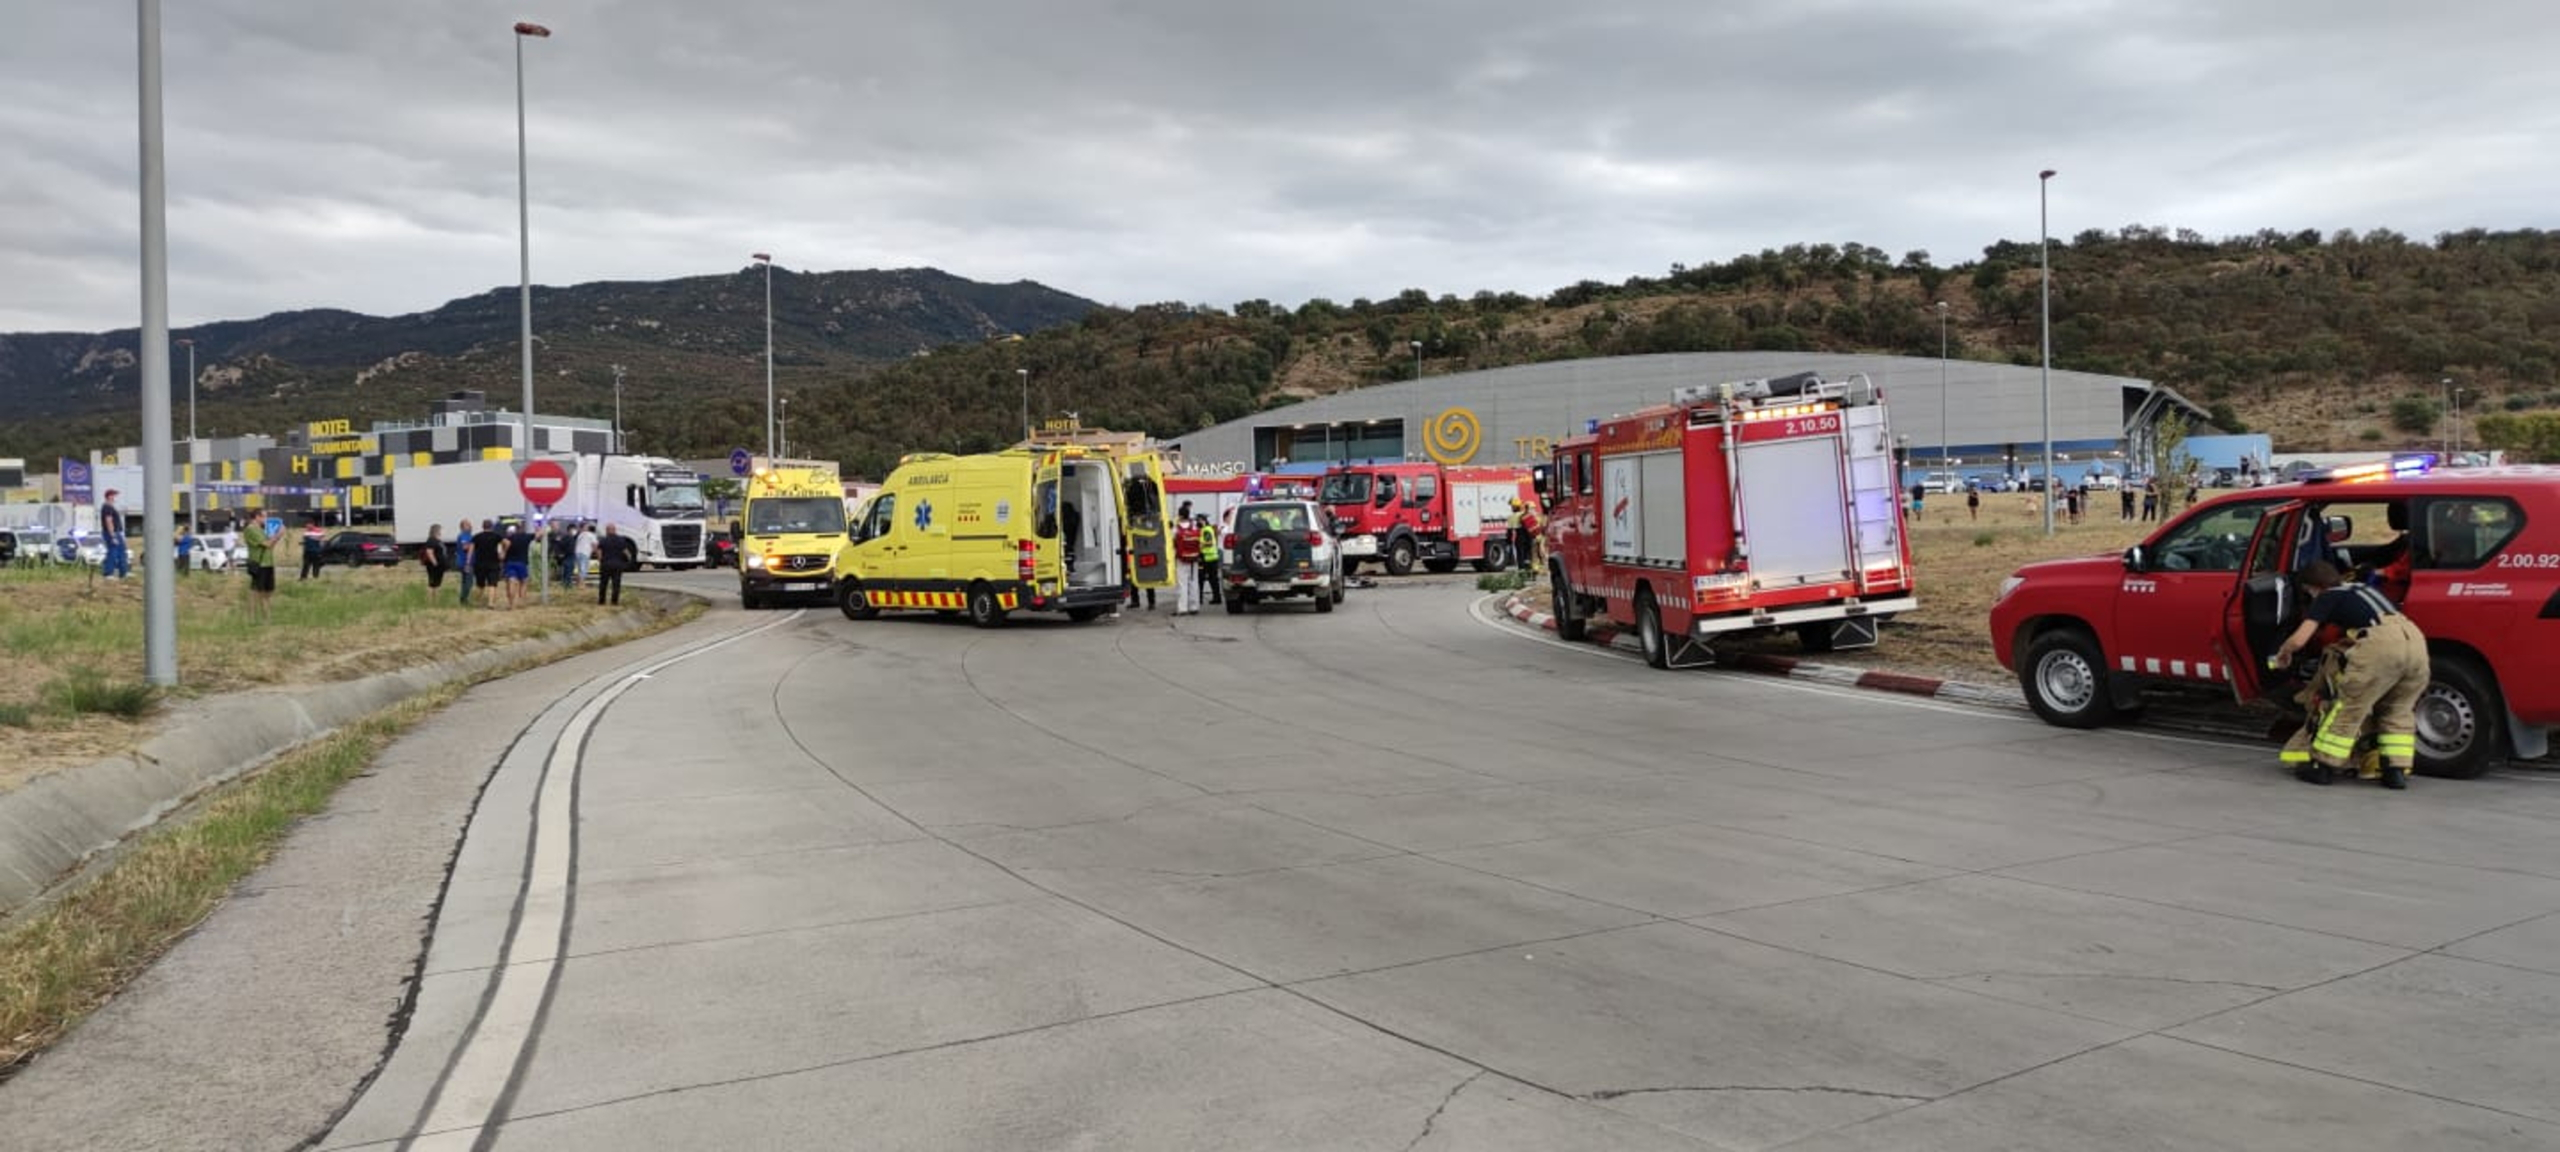 El dispositiu d'emergències per atendre un accident de trànsit mortal a la N-II a la Jonquera | ACN